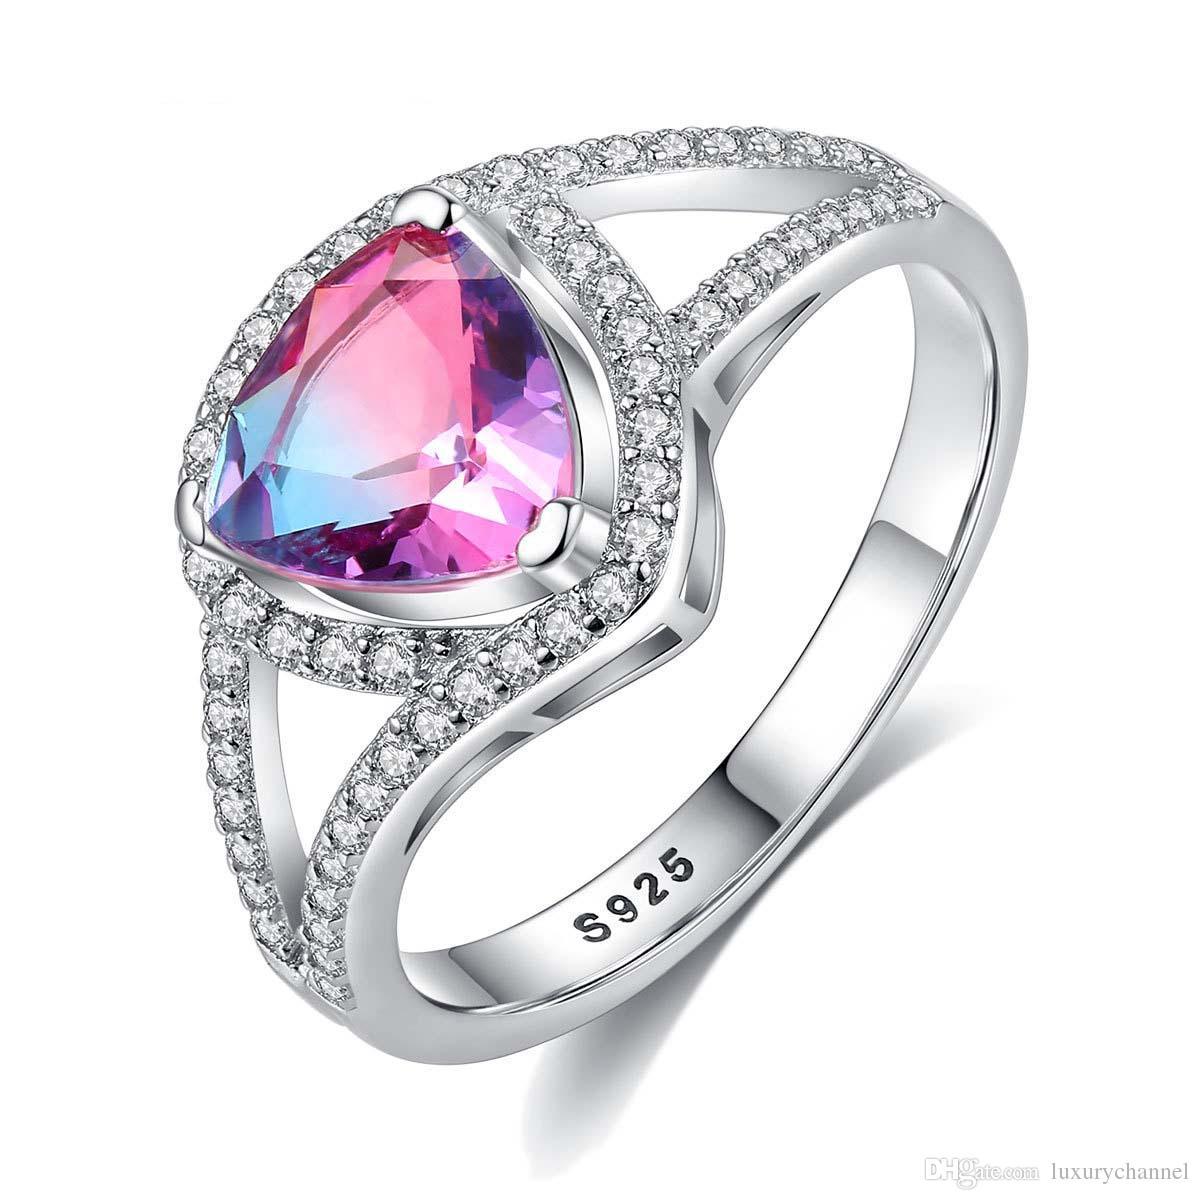 7dc82e4334a7 Compre El Mejor Regalo Anillo De Cristal Grande Lleno De Diamantes 925  Anillo De Piedras Preciosas De Plata 18k Chapado En Oro Anillos De Dedo 4    4.5   5 ...